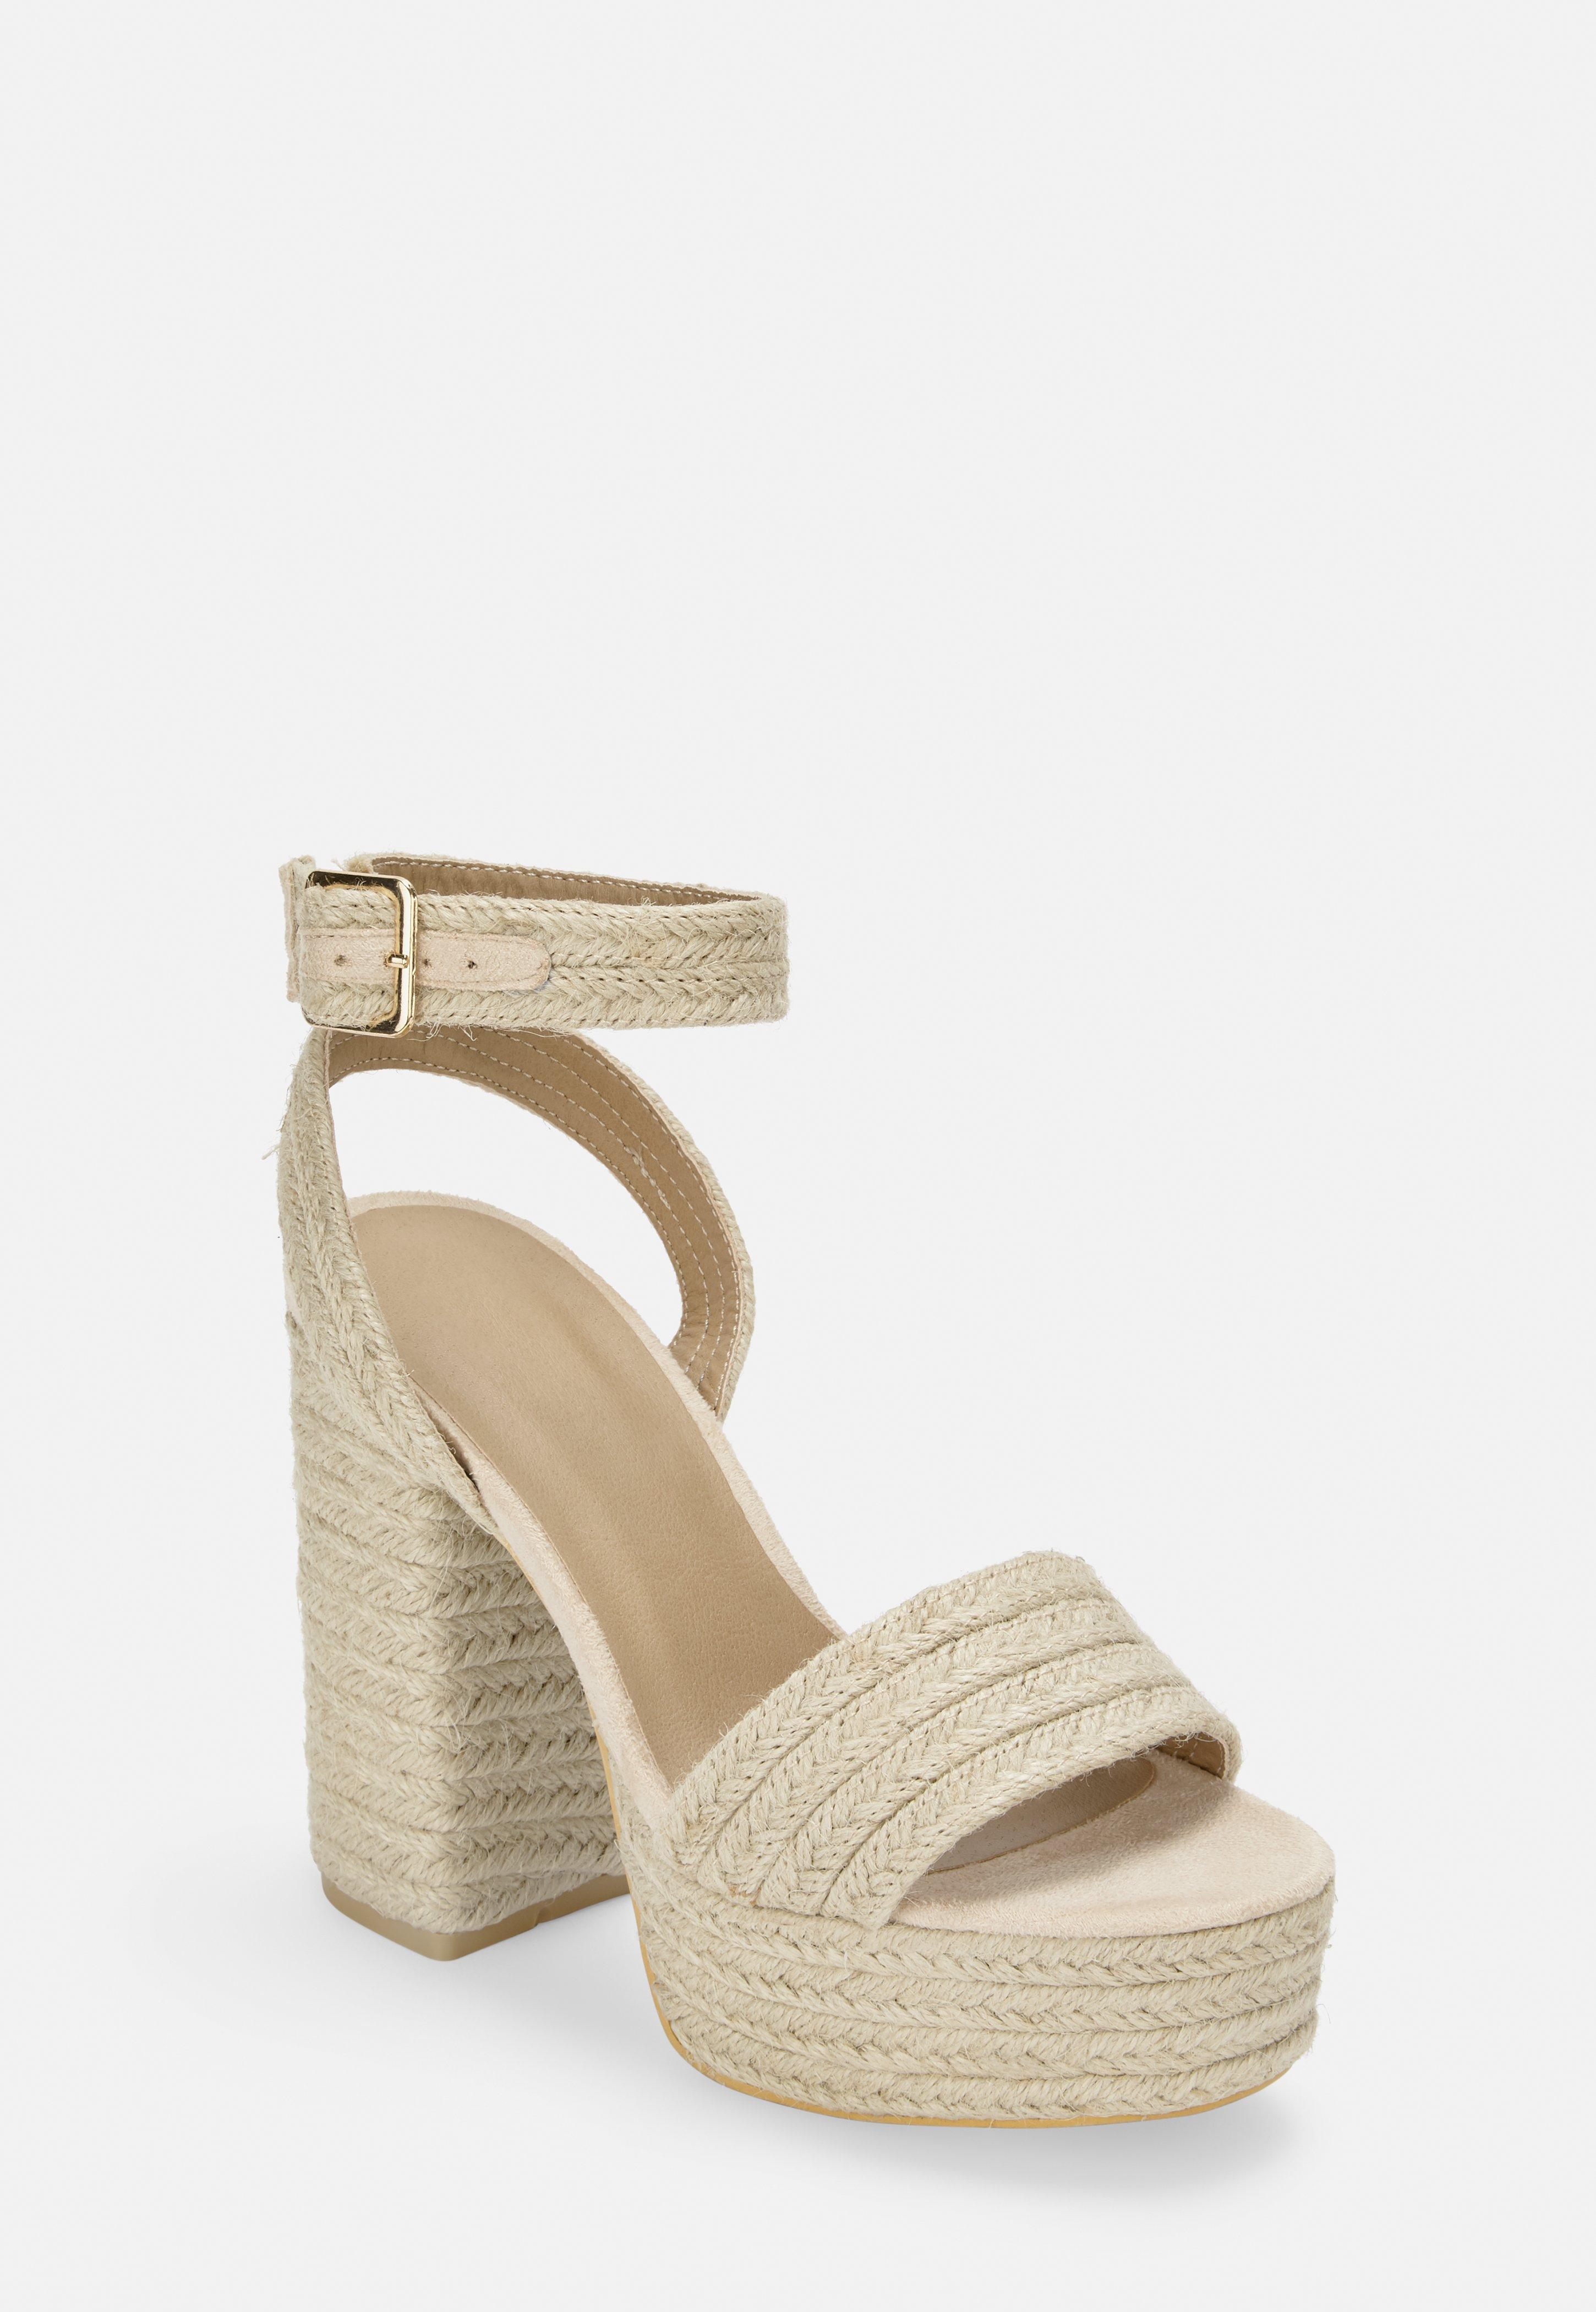 345450e20e Shoes | Women's Footwear Online UK - Missguided